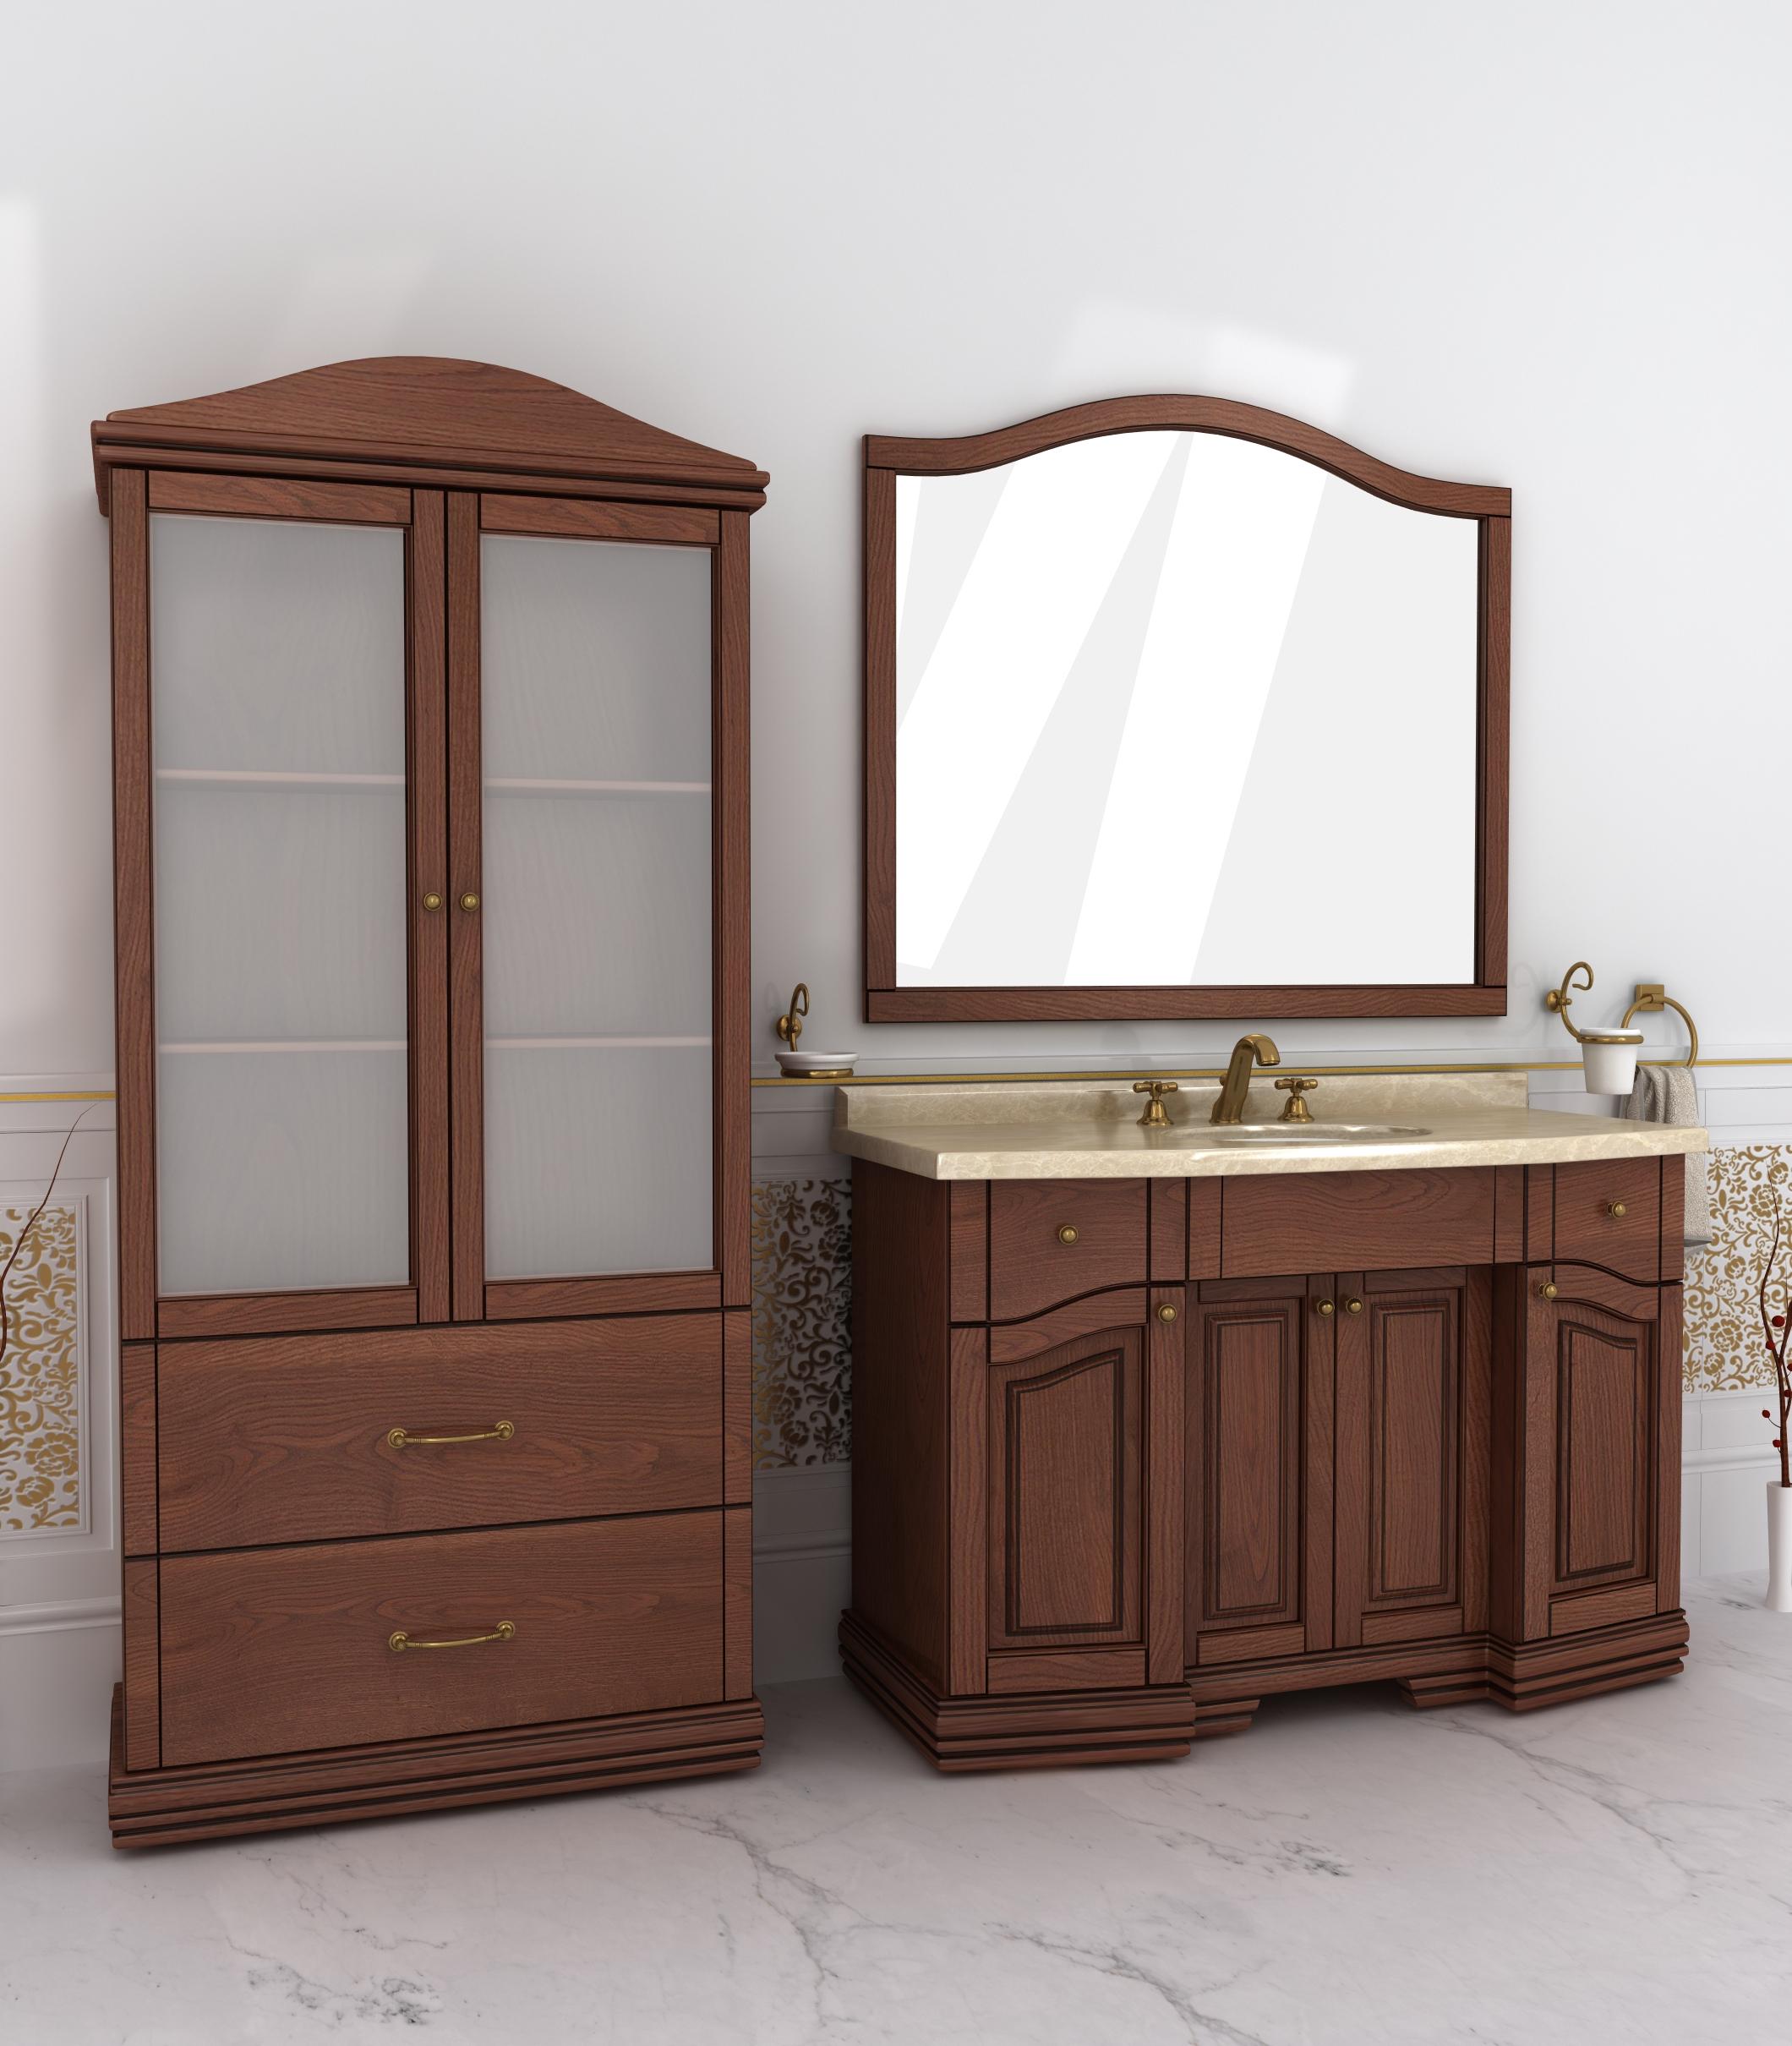 Предлагаем мебель для ванной комнаты по индивидуальным размерам